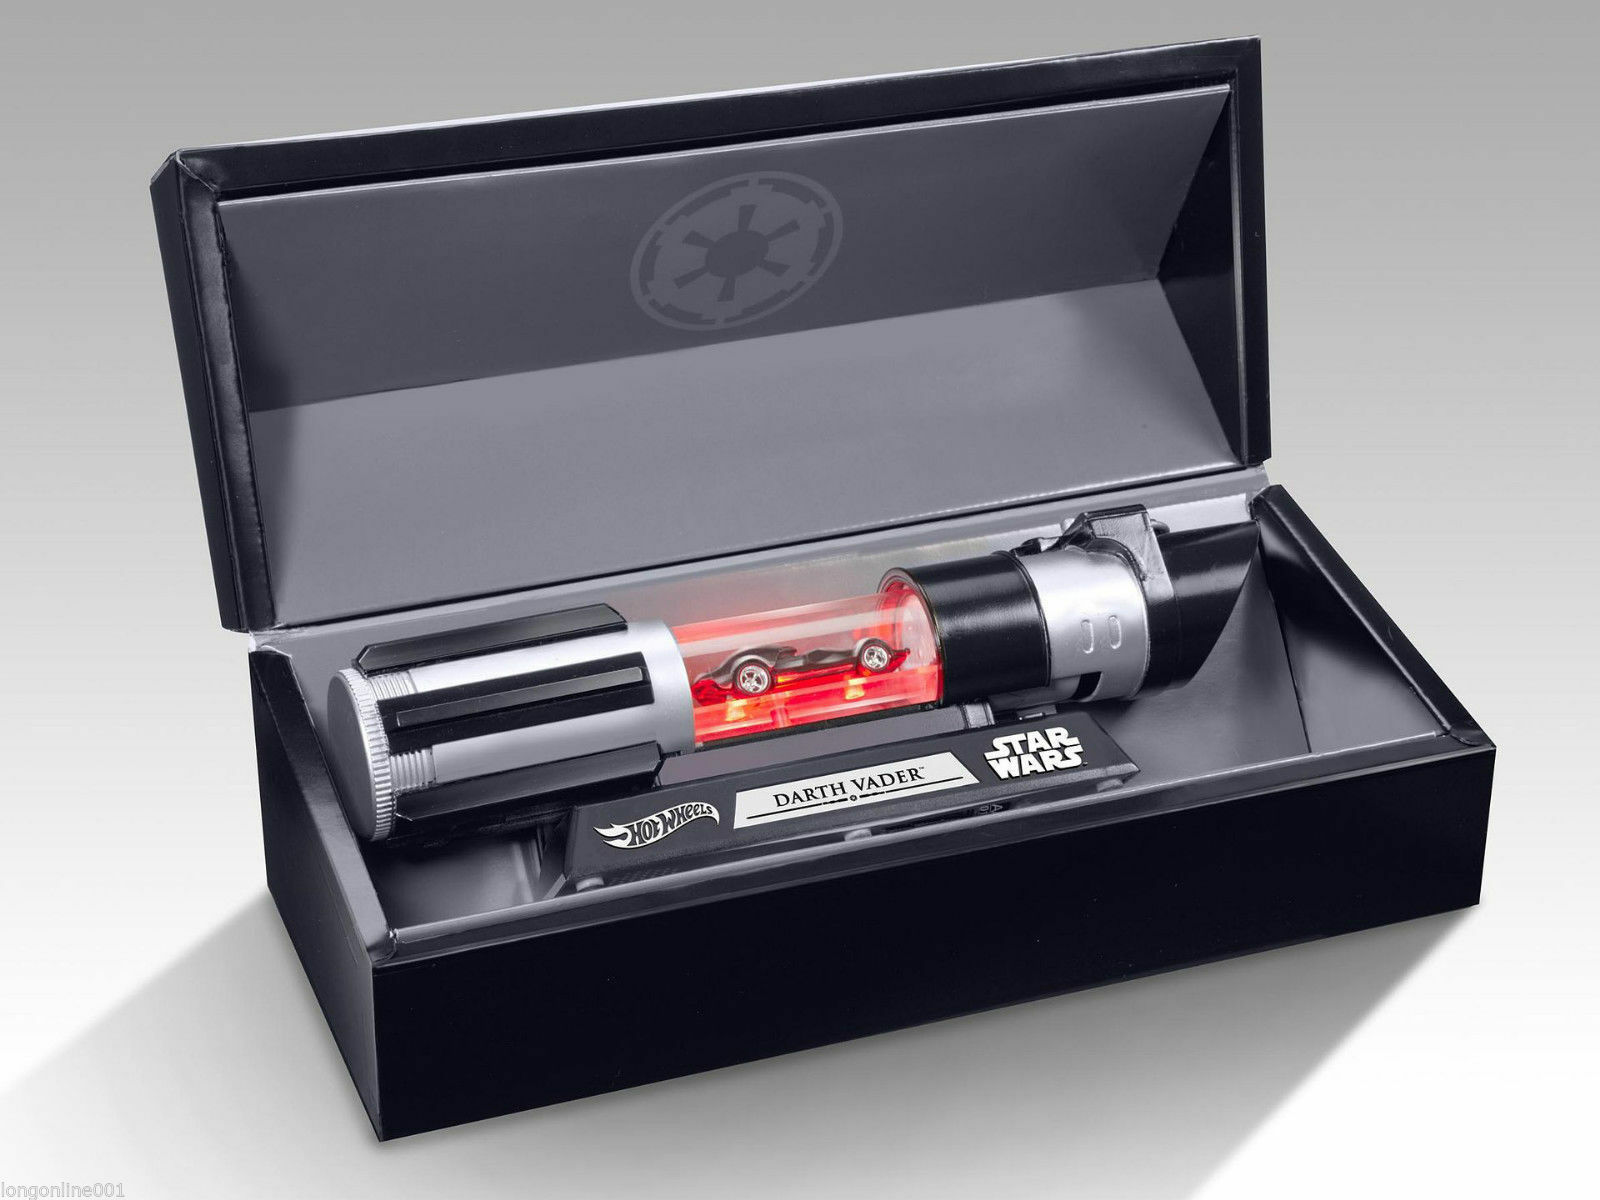 compras en linea Sdcc 2018 2018 2018 Star Wars Darth Vader Auto Hot Wheels Luz saber Mattel Exclusivo Raro  popular